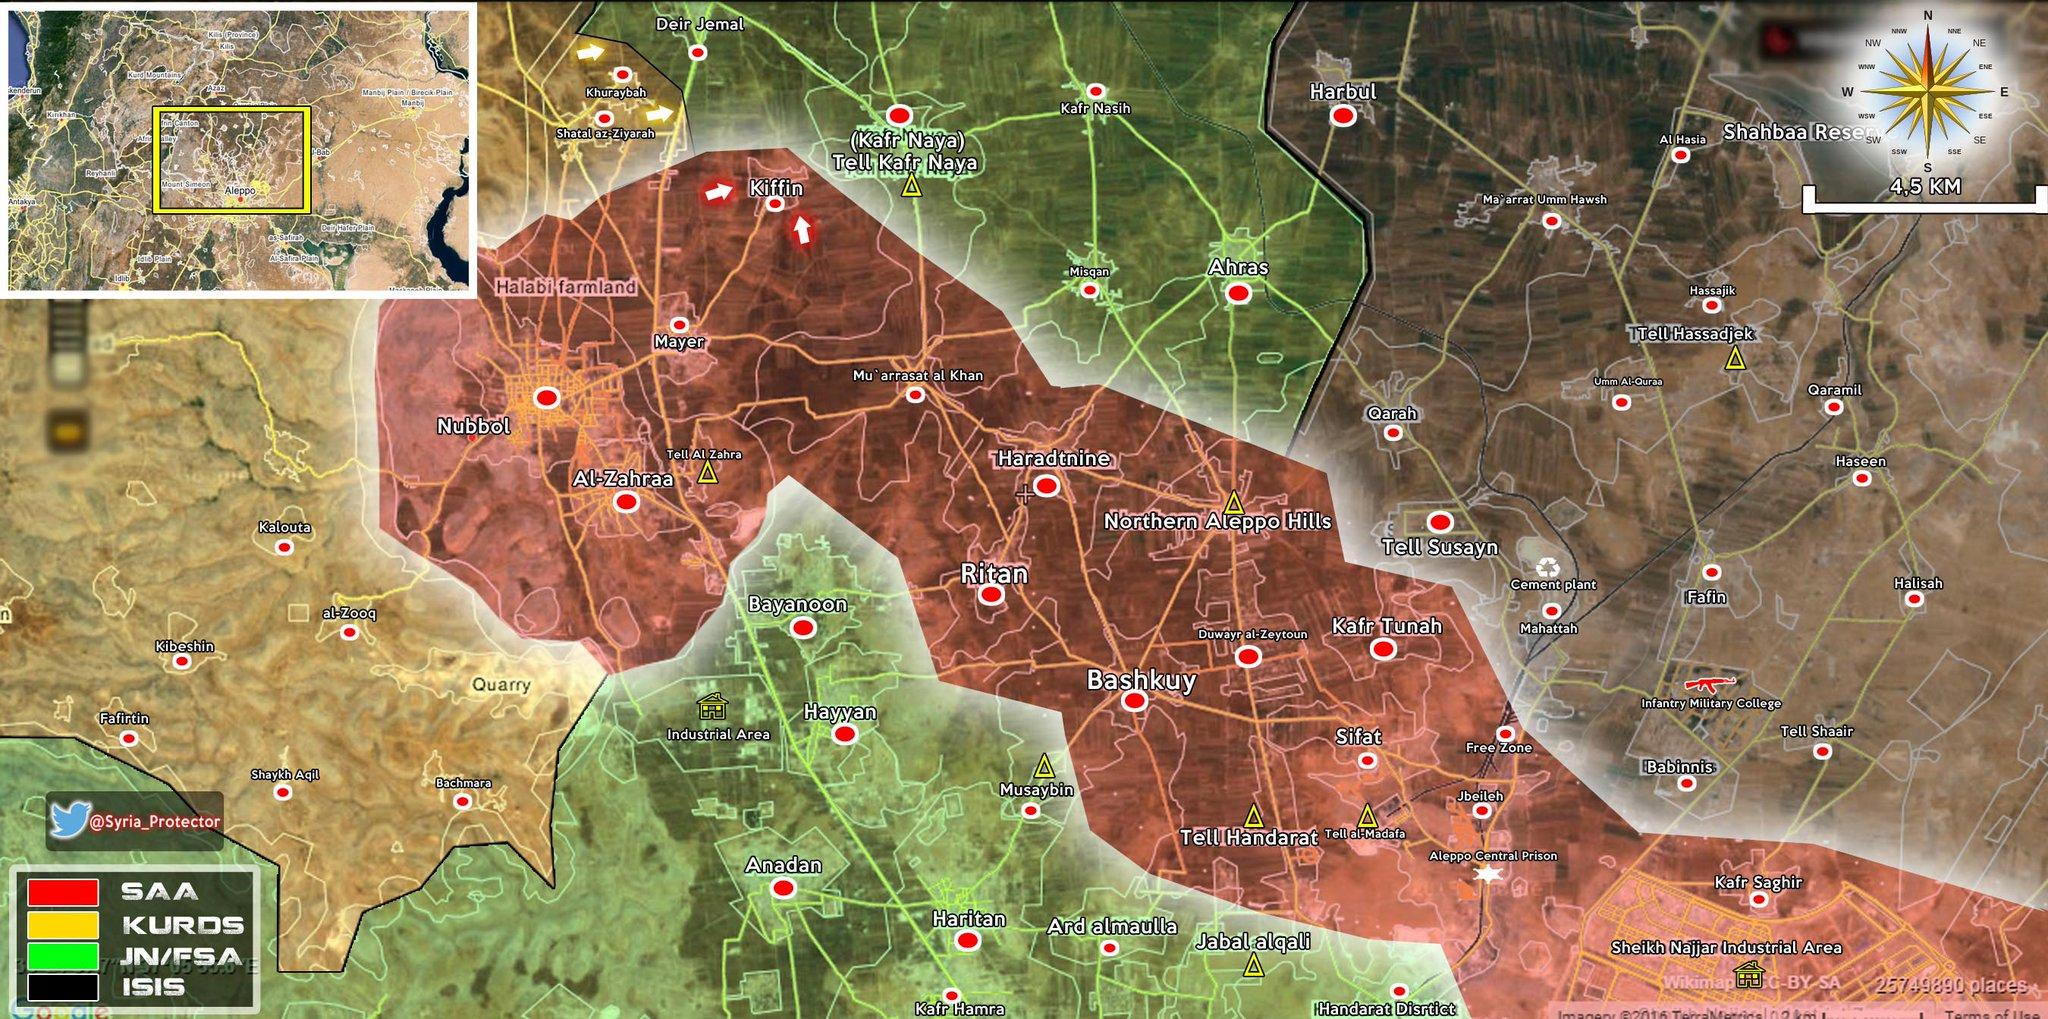 Syrian Civil War: News #6 Cao_h65W4AQBN0e